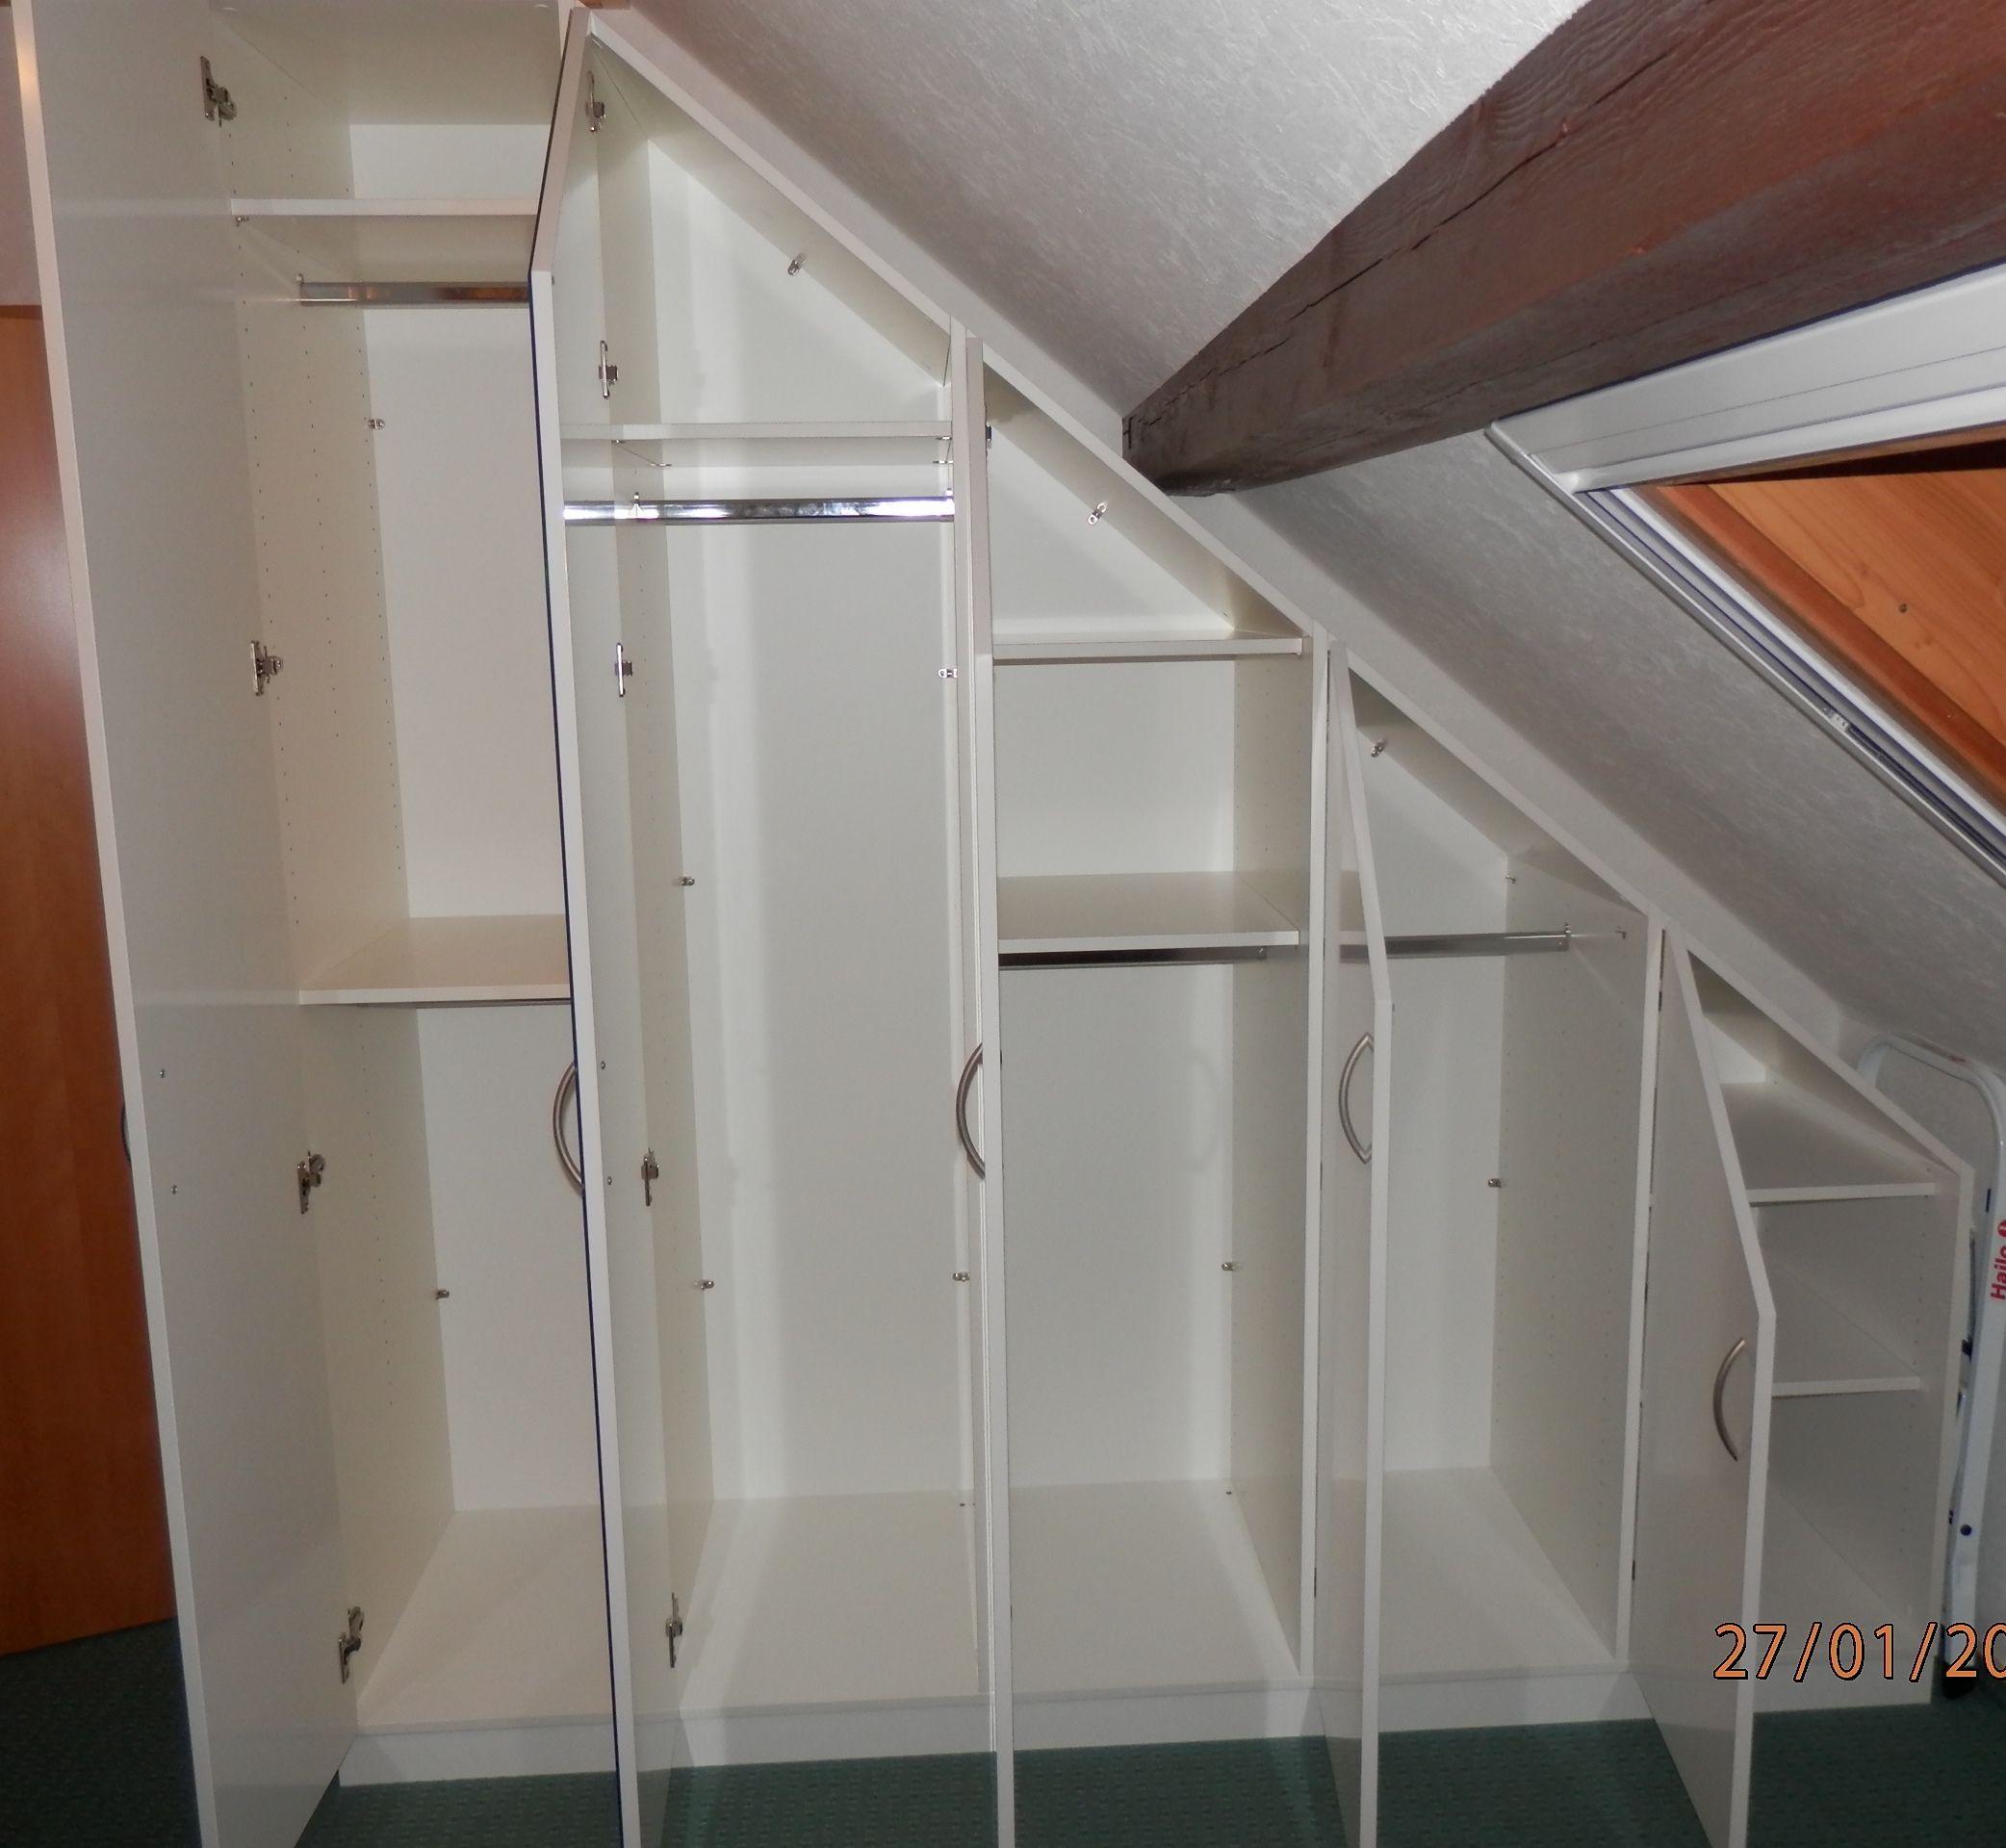 kast met schuine wand links   Inbouwkast zolder  schuine wand   Pinterest   Relax room, Bedrooms